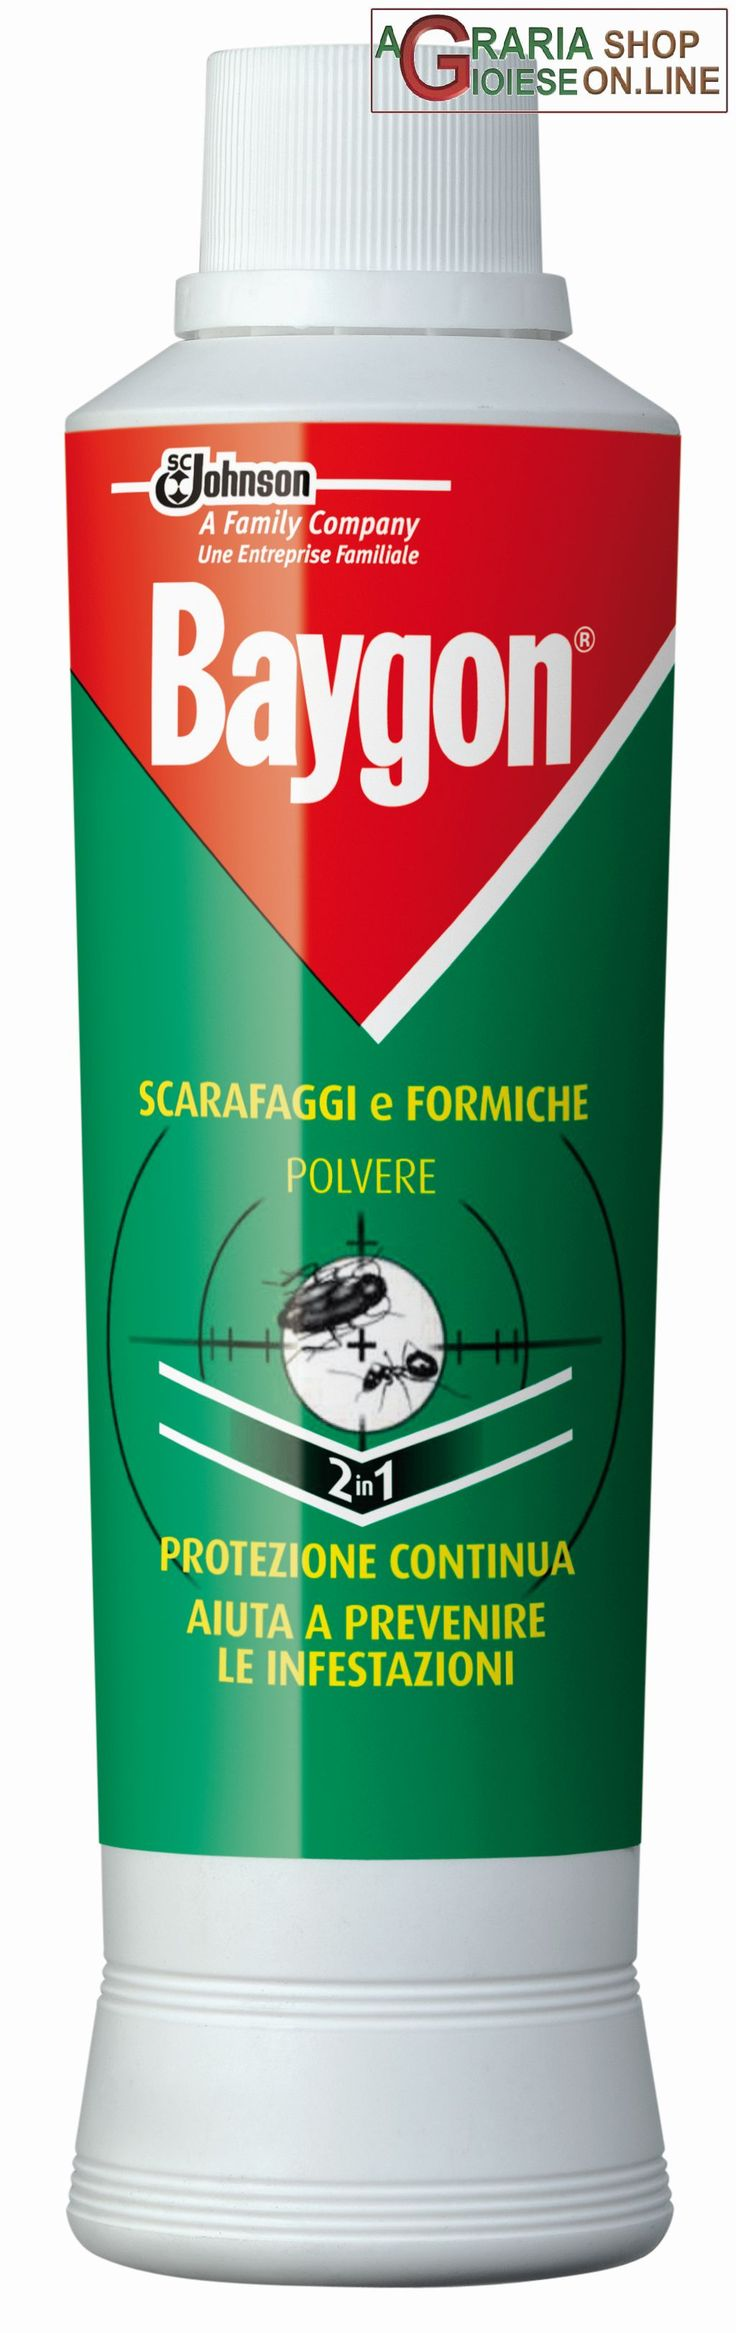 BAYGON POLVERE GR. 250 SCARAFAGGI E FORMICHE https://www.chiaradecaria.it/it/insetticidi-uso-civile/1271-baygon-polvere-gr-250-scarafaggi-e-formiche-8002030142479.html